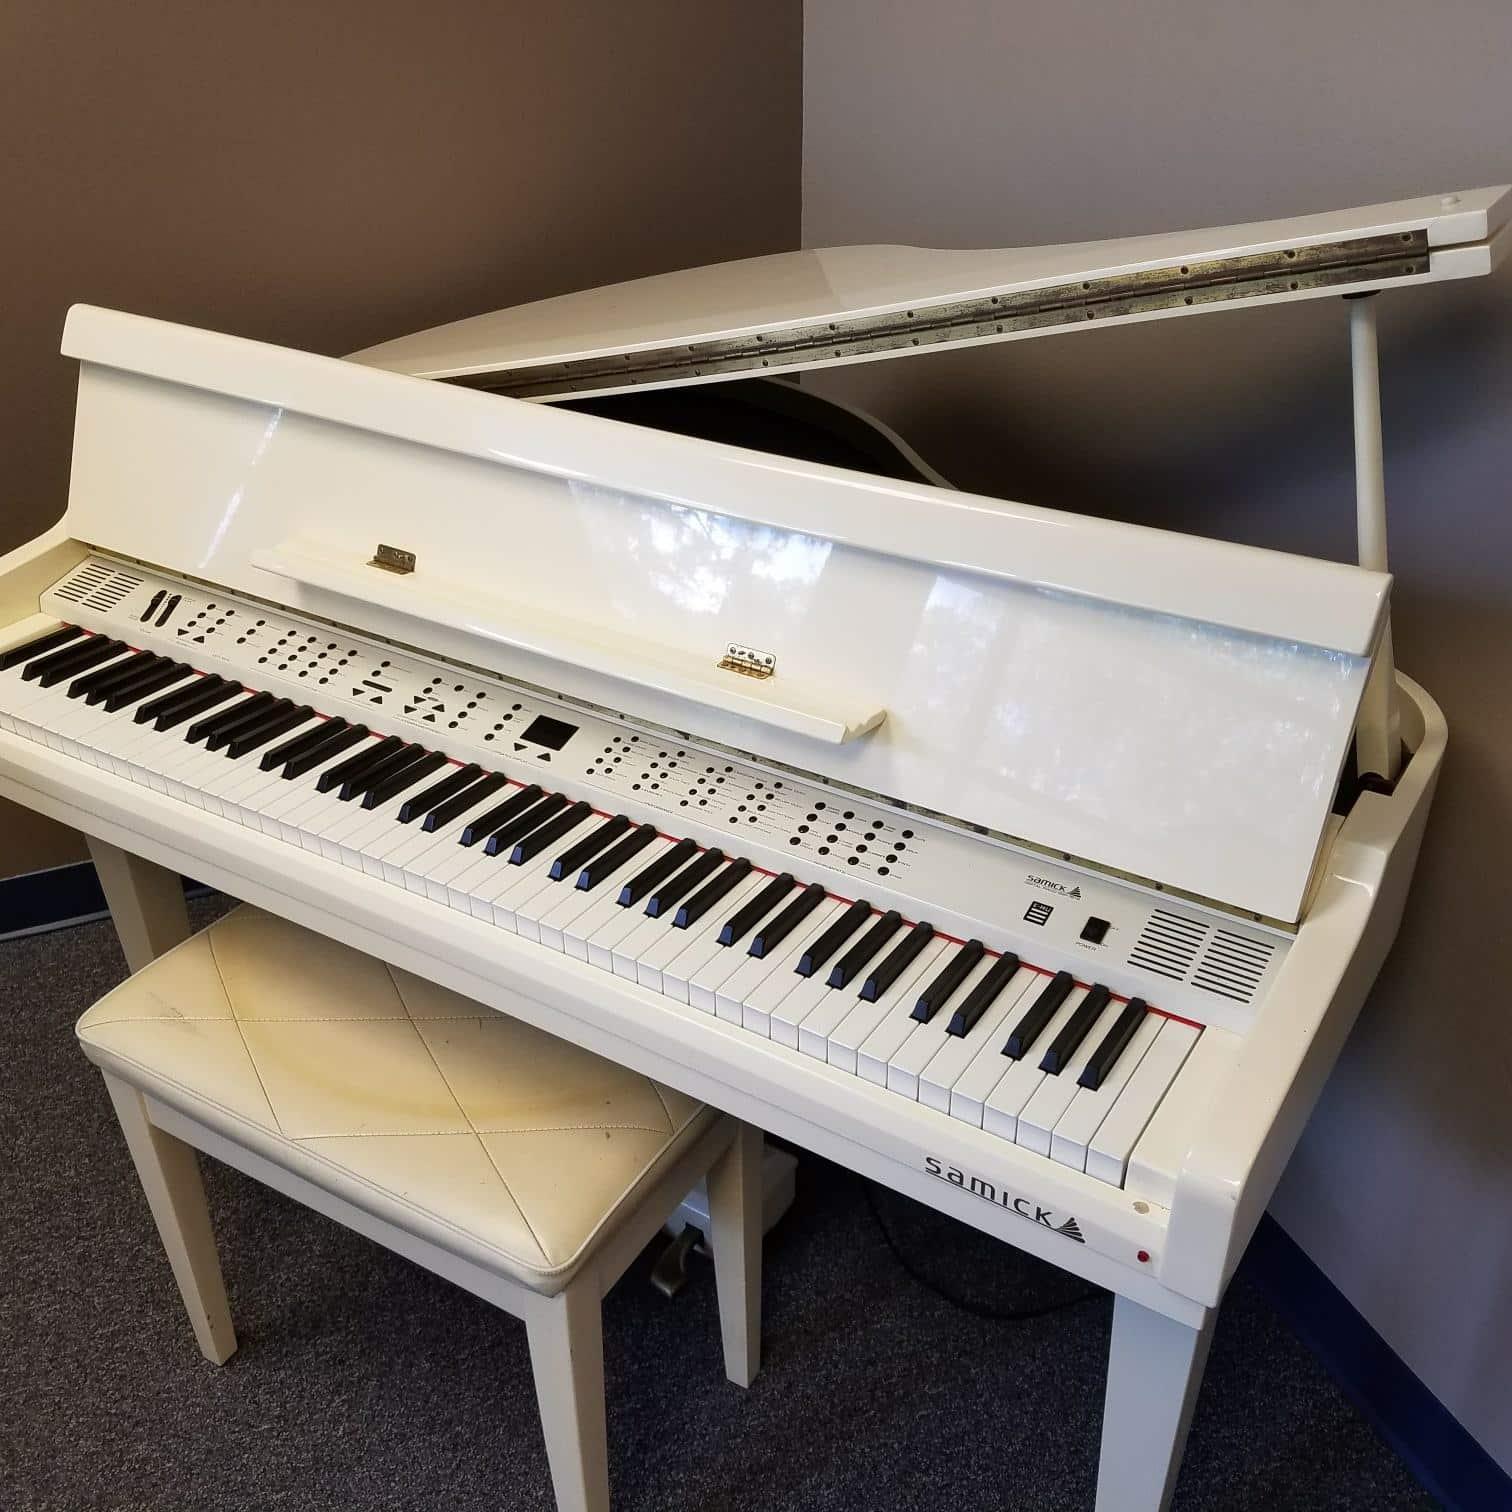 Mua đàn piano điện giá rẻ ở đâu uy tín, chất lượng?